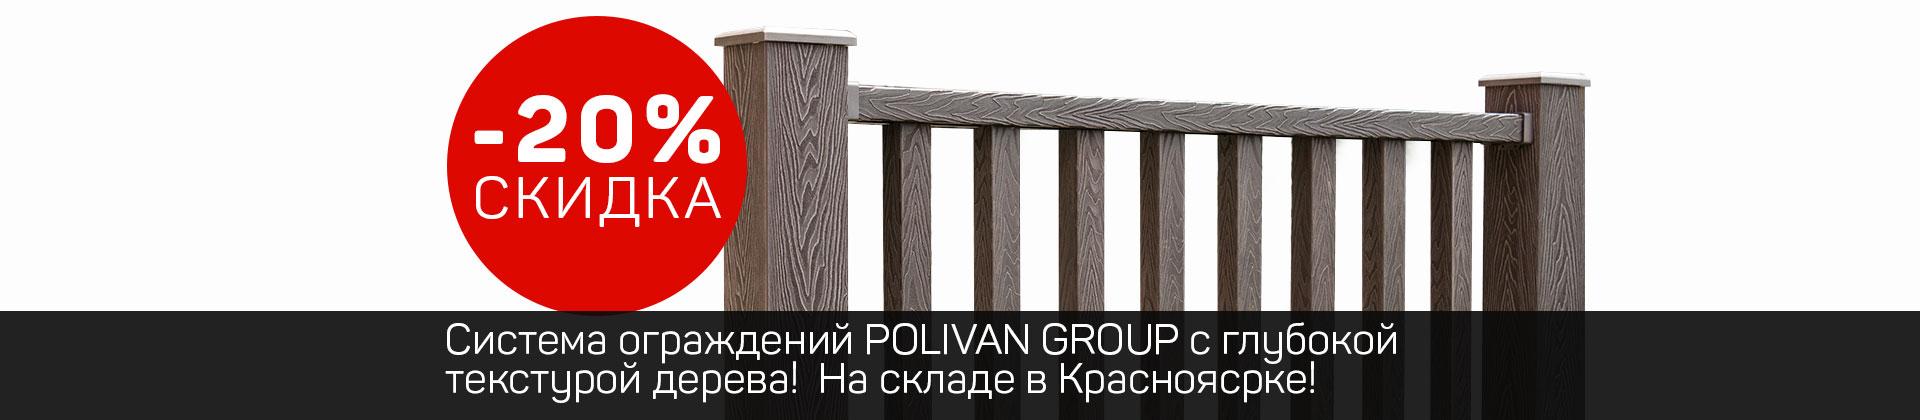 polivan-group-ograda-1920